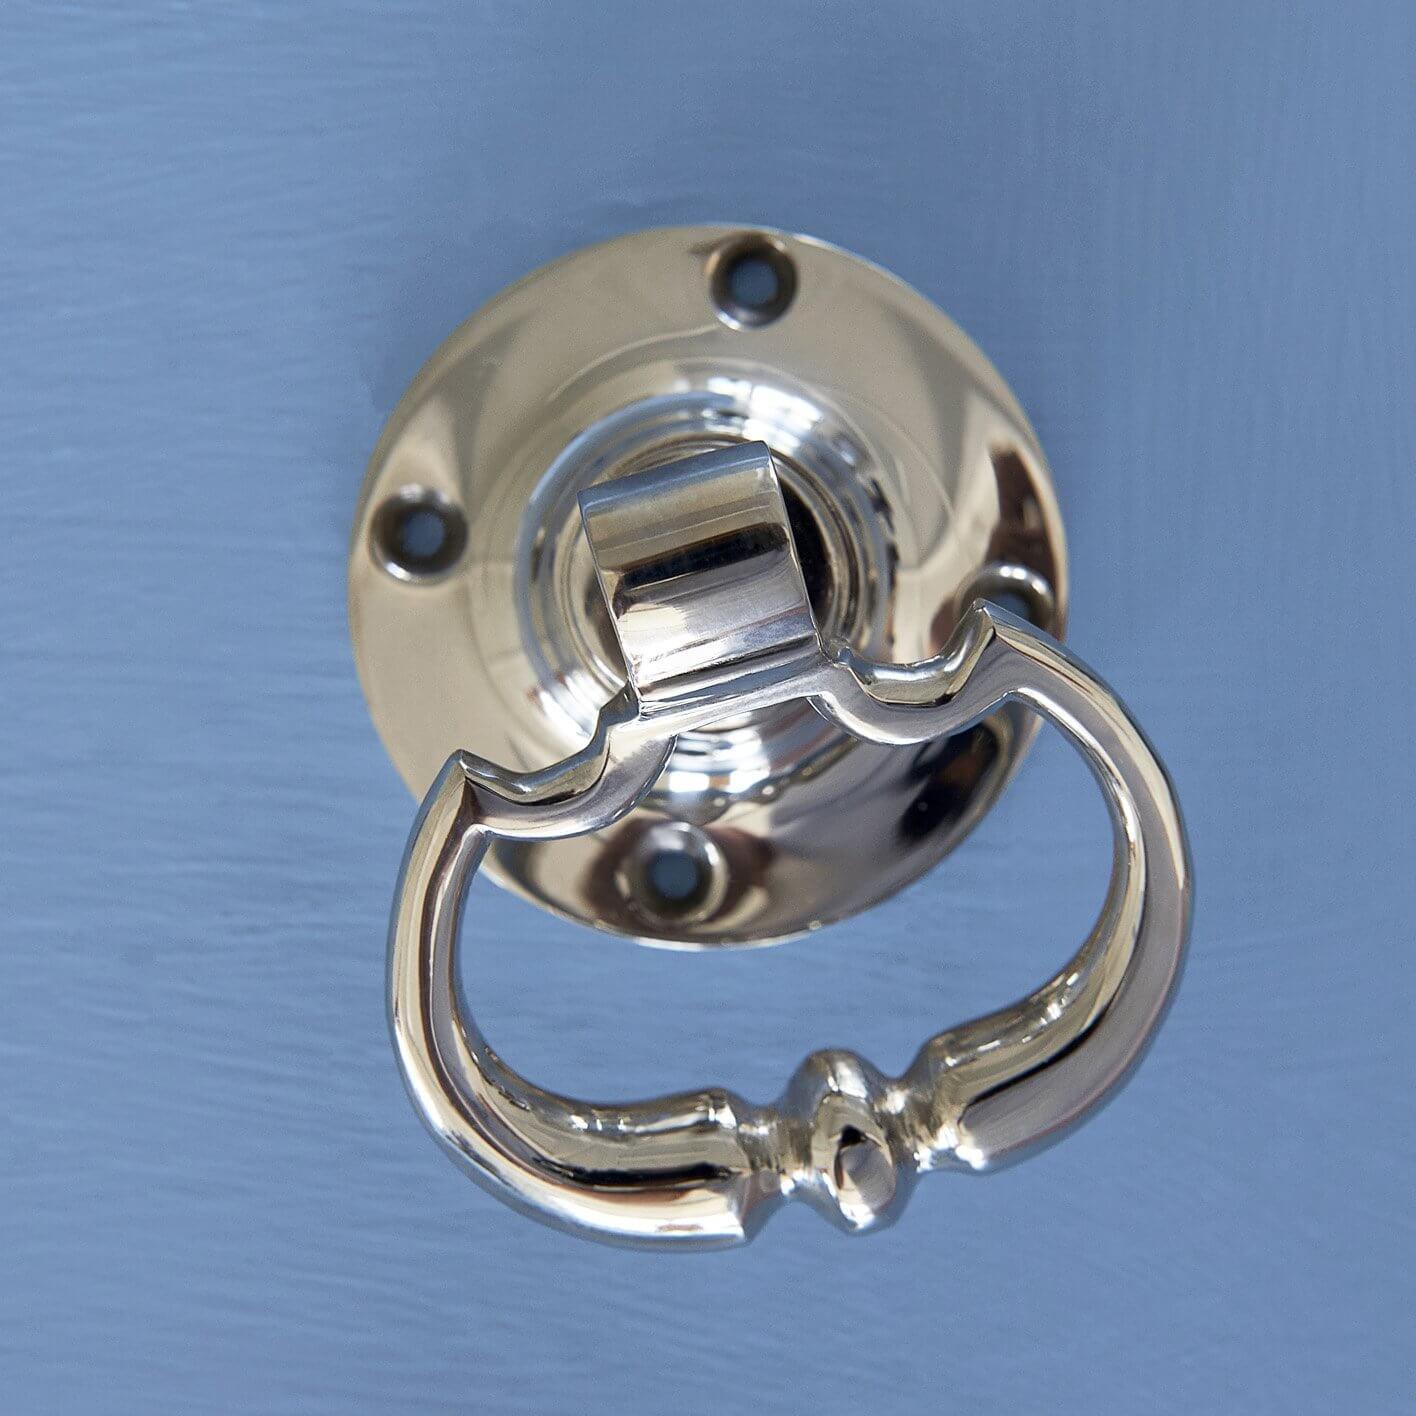 Dutch Drop Ring Door Handles - Nickel